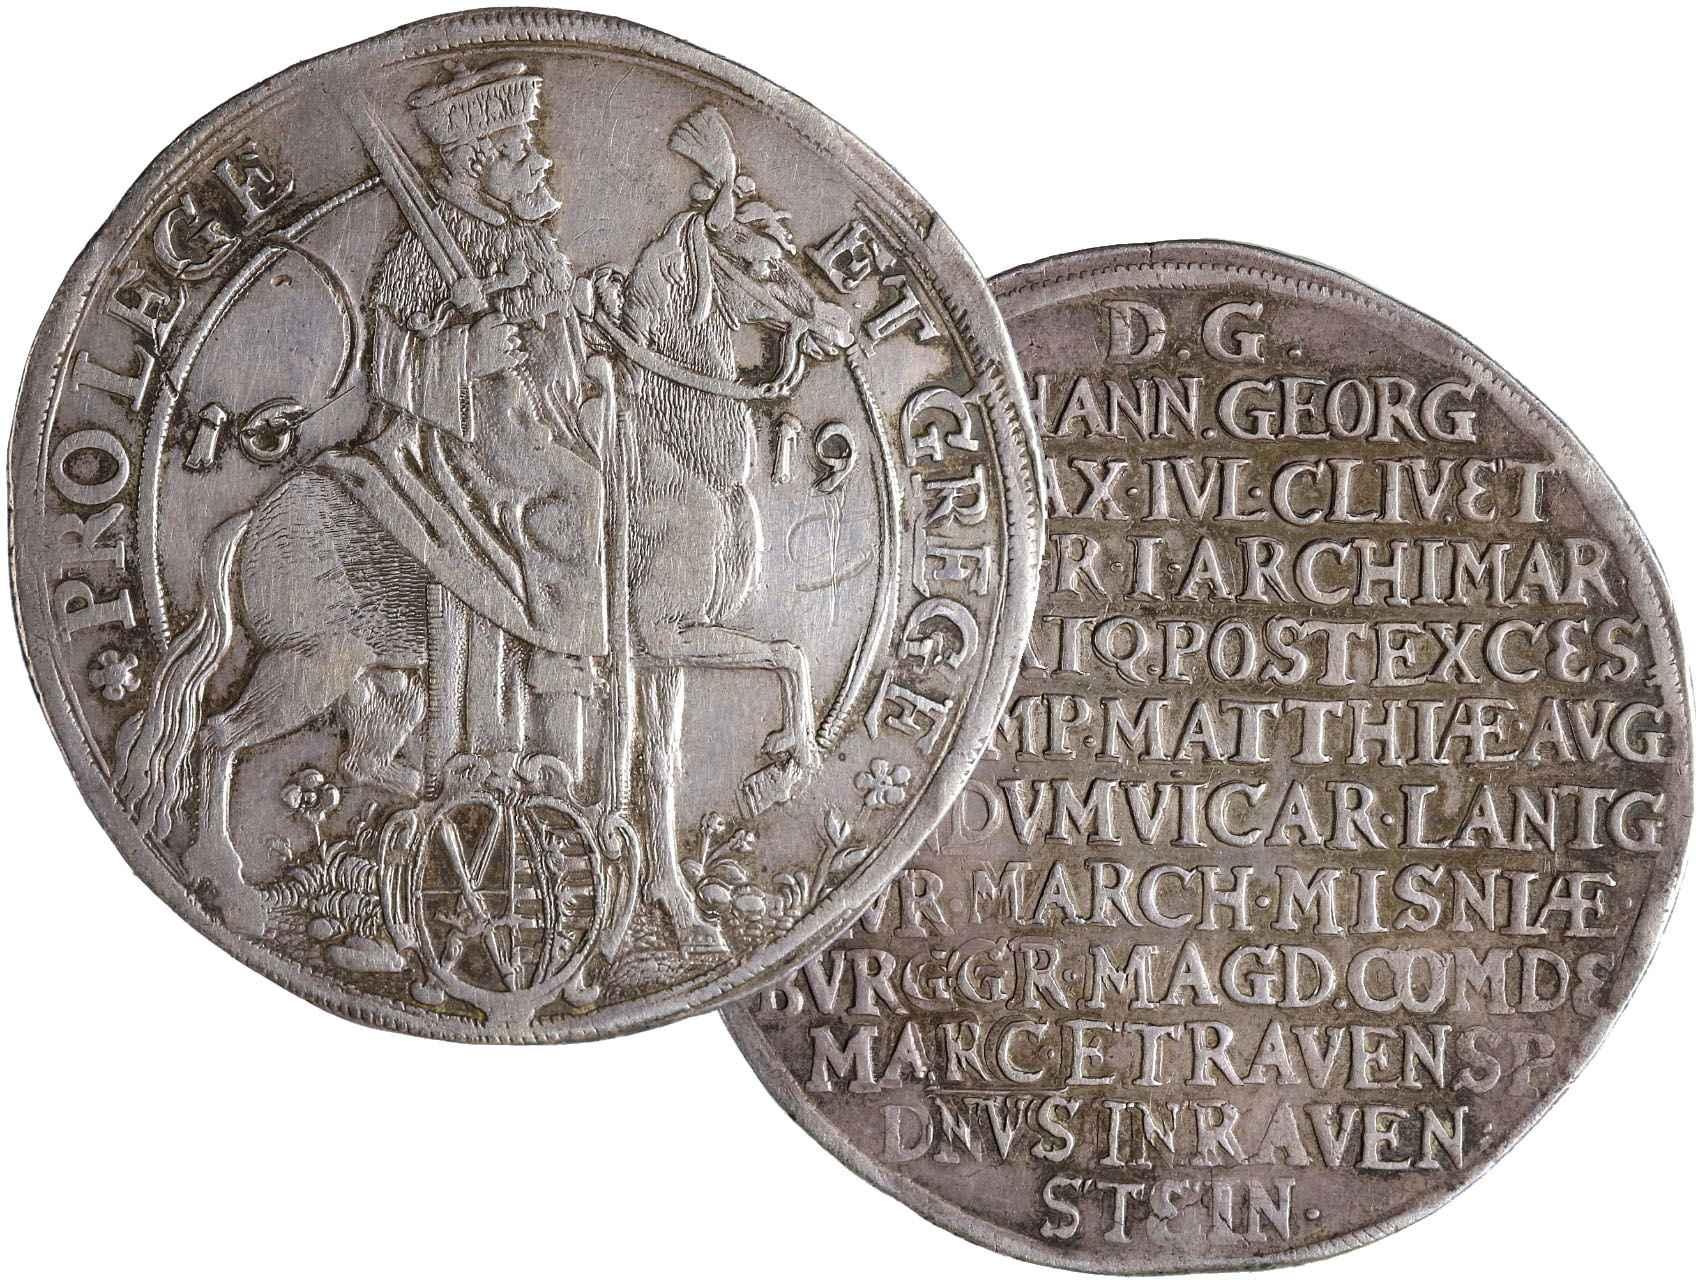 Sasko-Albertine, Johan Georg I. 1615-1656 - Tolar 1619, KM 119